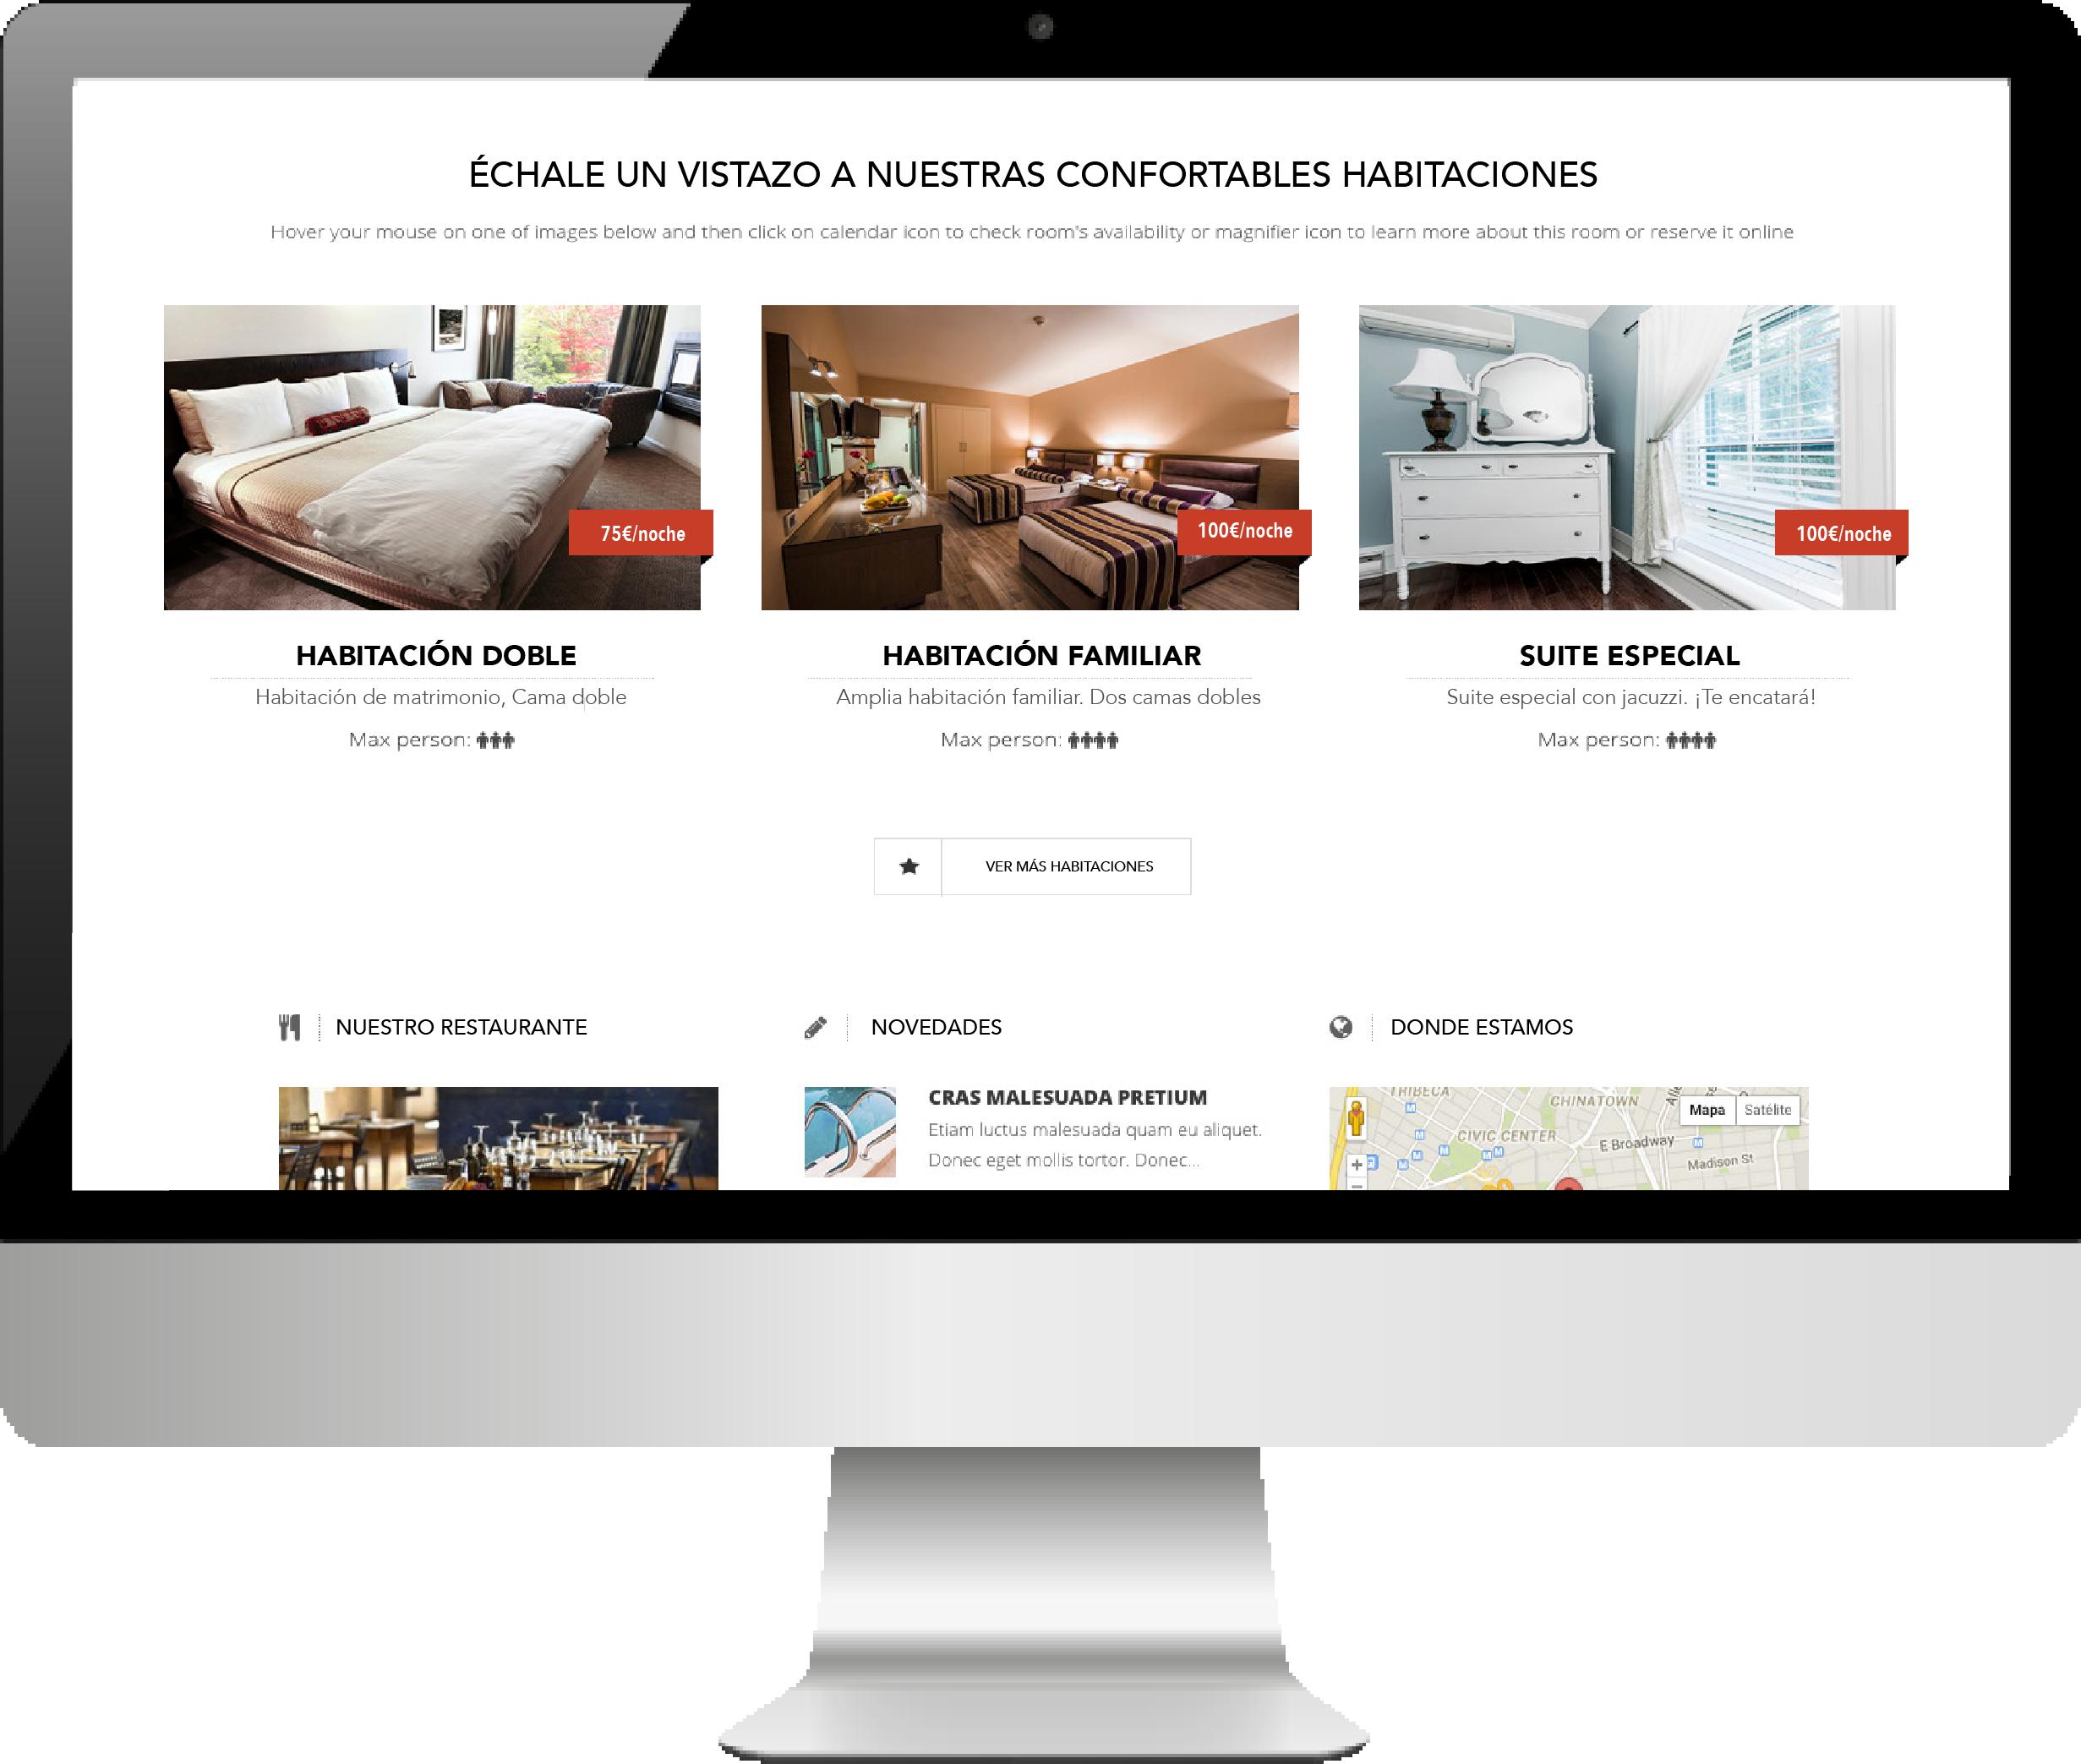 Demo web hoteles - CONNECTUS - Marketing online, publicidad digital ...